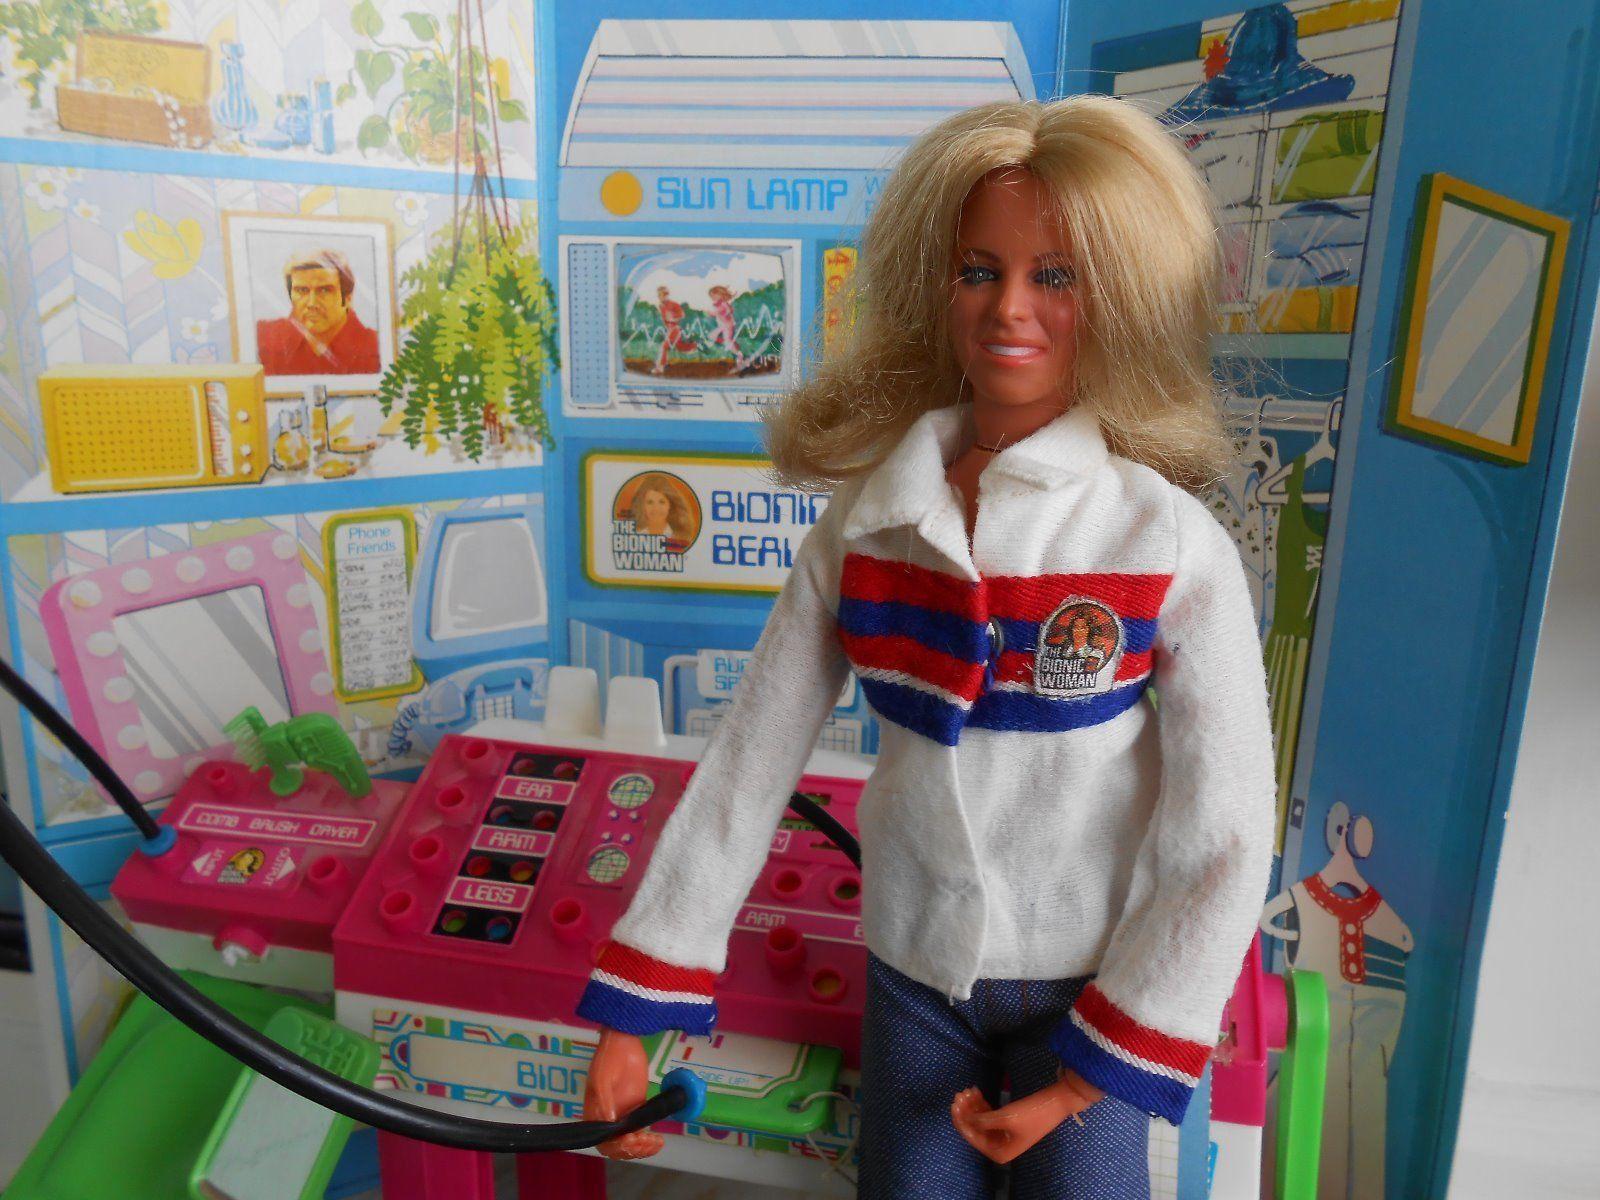 Kozmetični salon za lutke Bionic Woman Redke Kenner Playset Igrače-8369